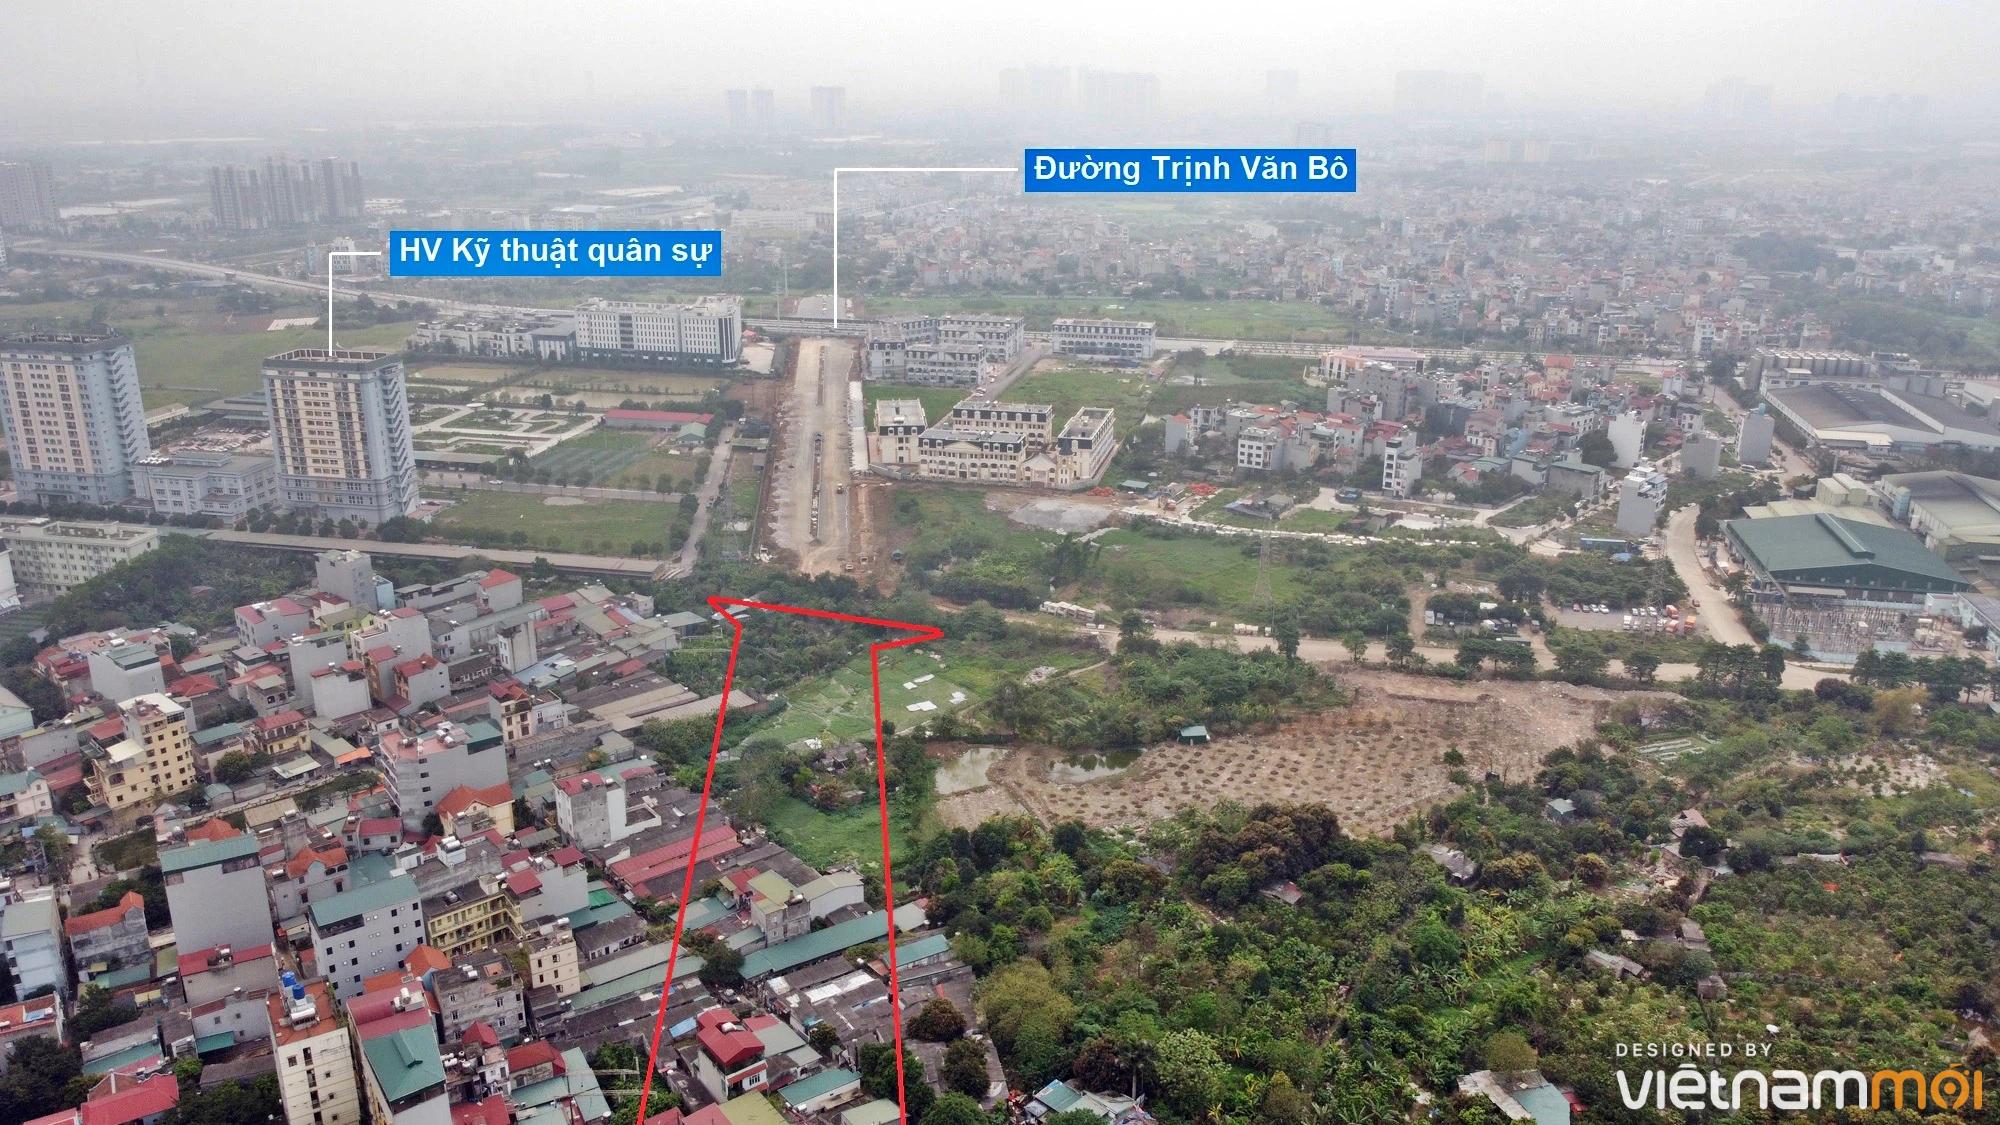 Những khu đất sắp thu hồi để mở đường ở phường Phúc Diễn, Bắc Từ Liêm, Hà Nội - Ảnh 3.